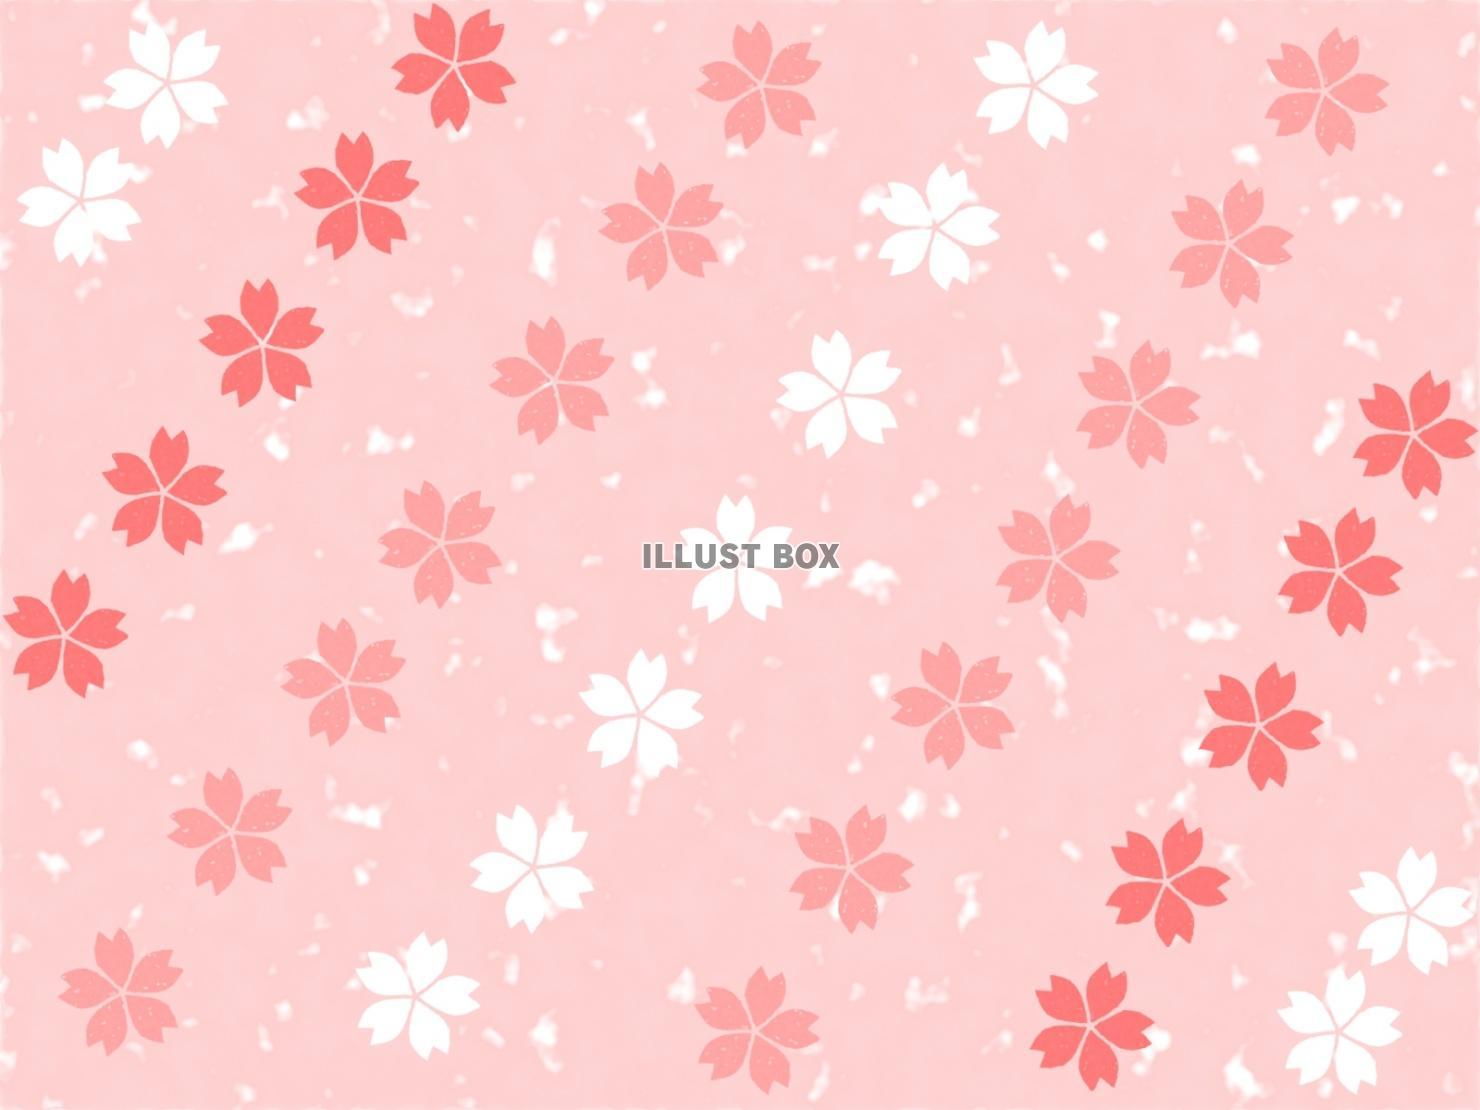 無料イラスト 桜柄ピンク背景